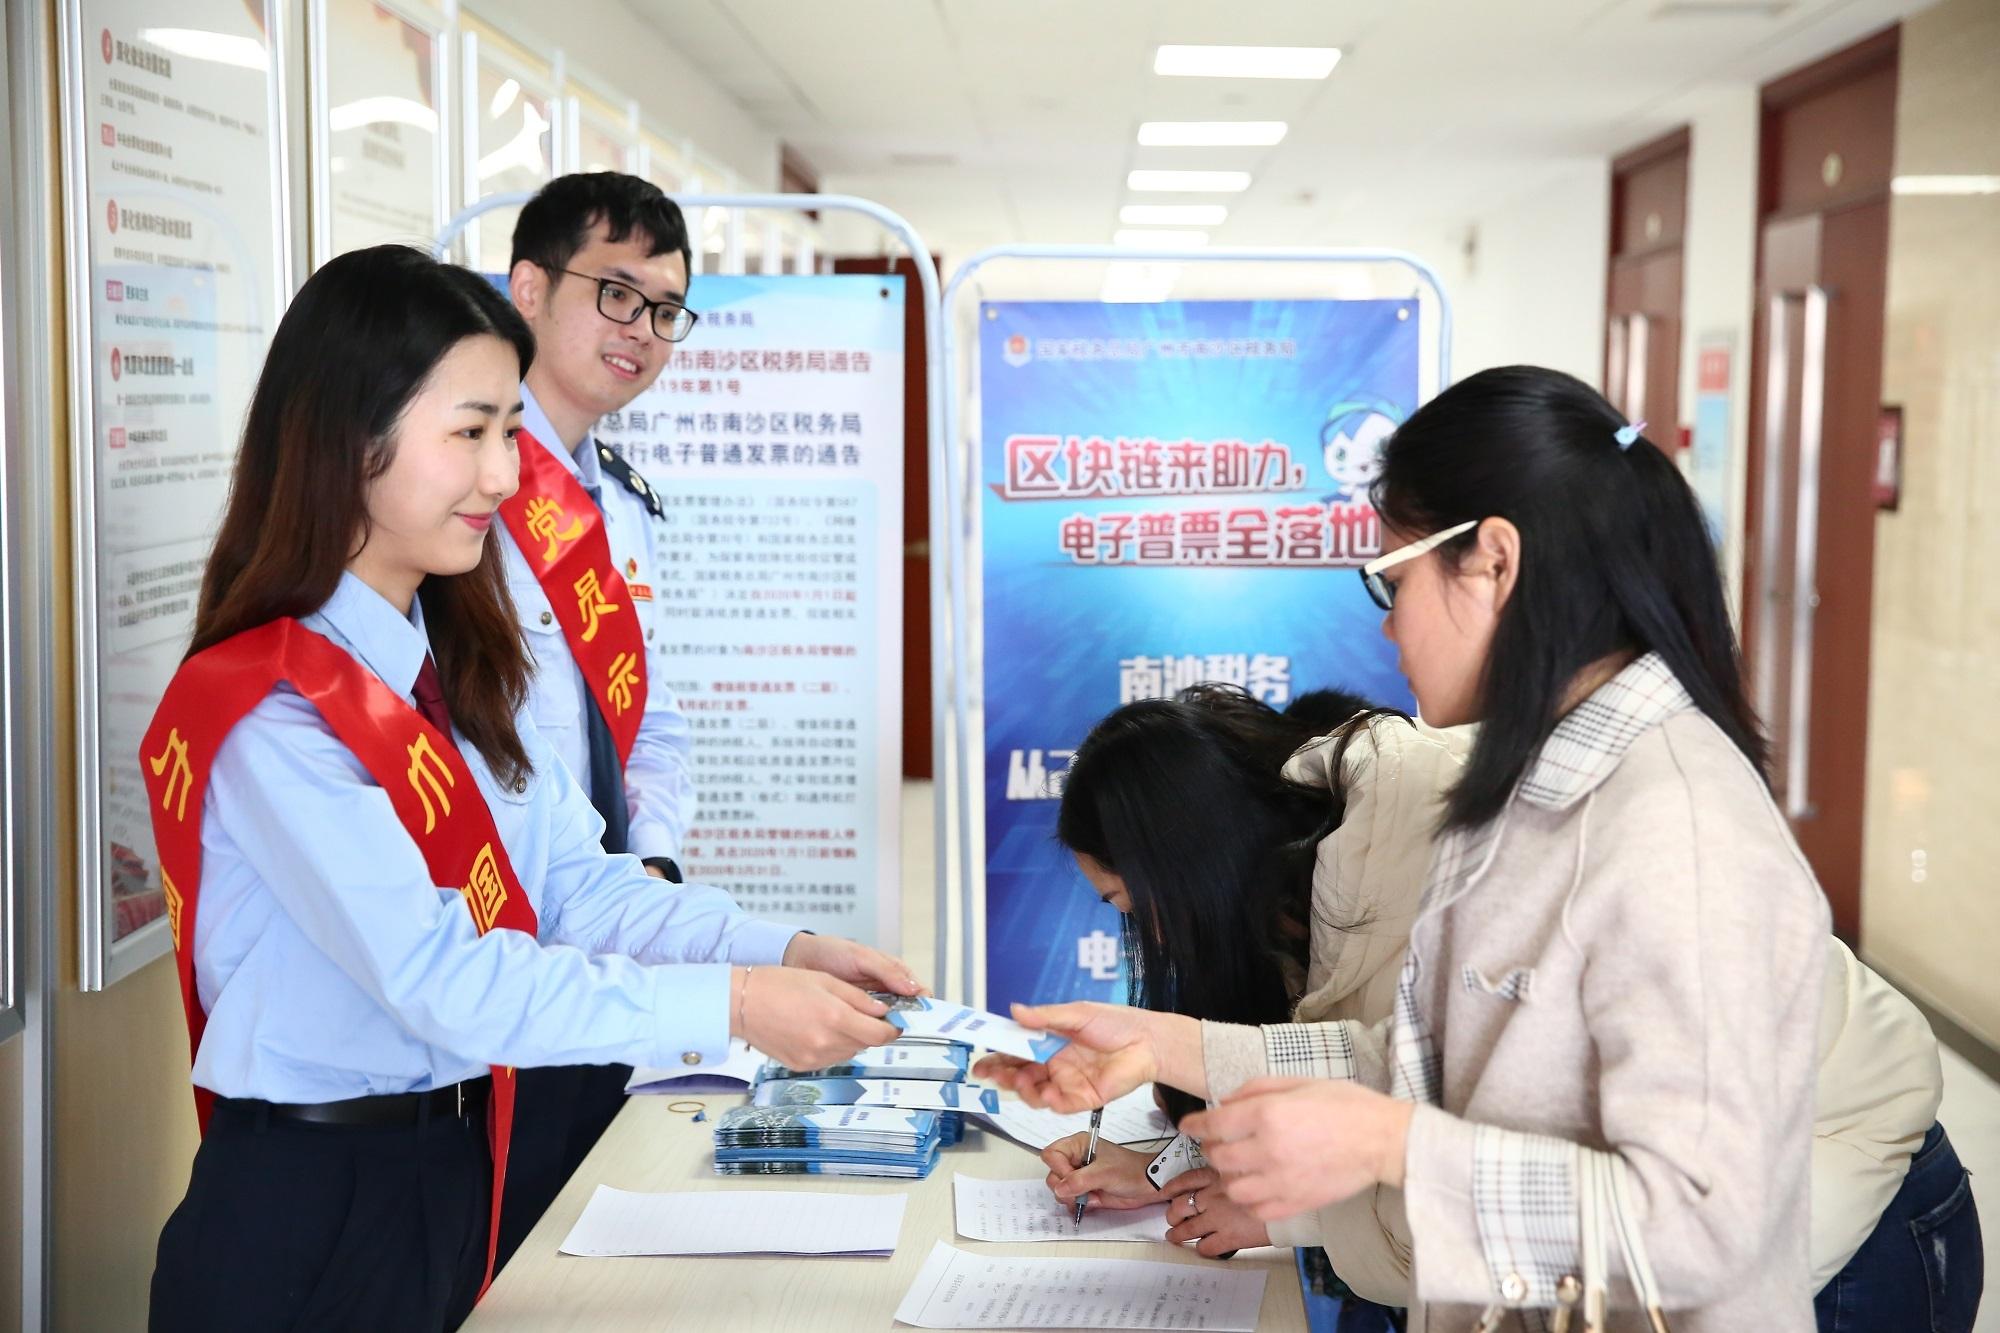 广州获批创建首个区块链发展示范区